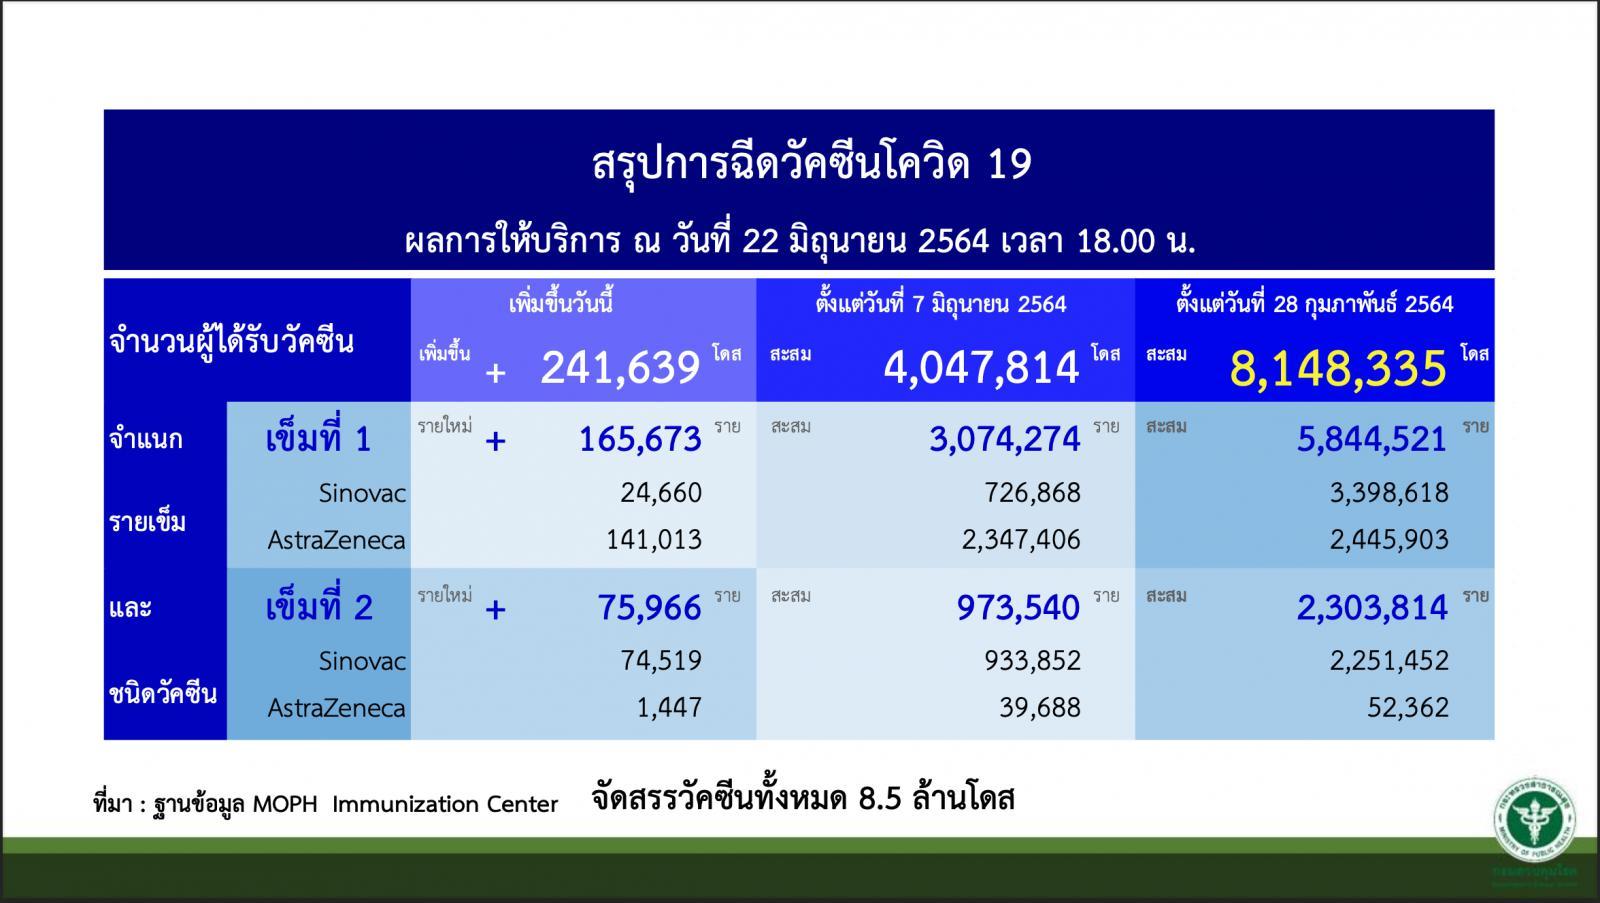 """วัคซีน """"ซิโนแวค"""" ถึงไทยอีก 2 ล้านโดส รวมได้รับแล้ว 10.5 ล้านโดส"""